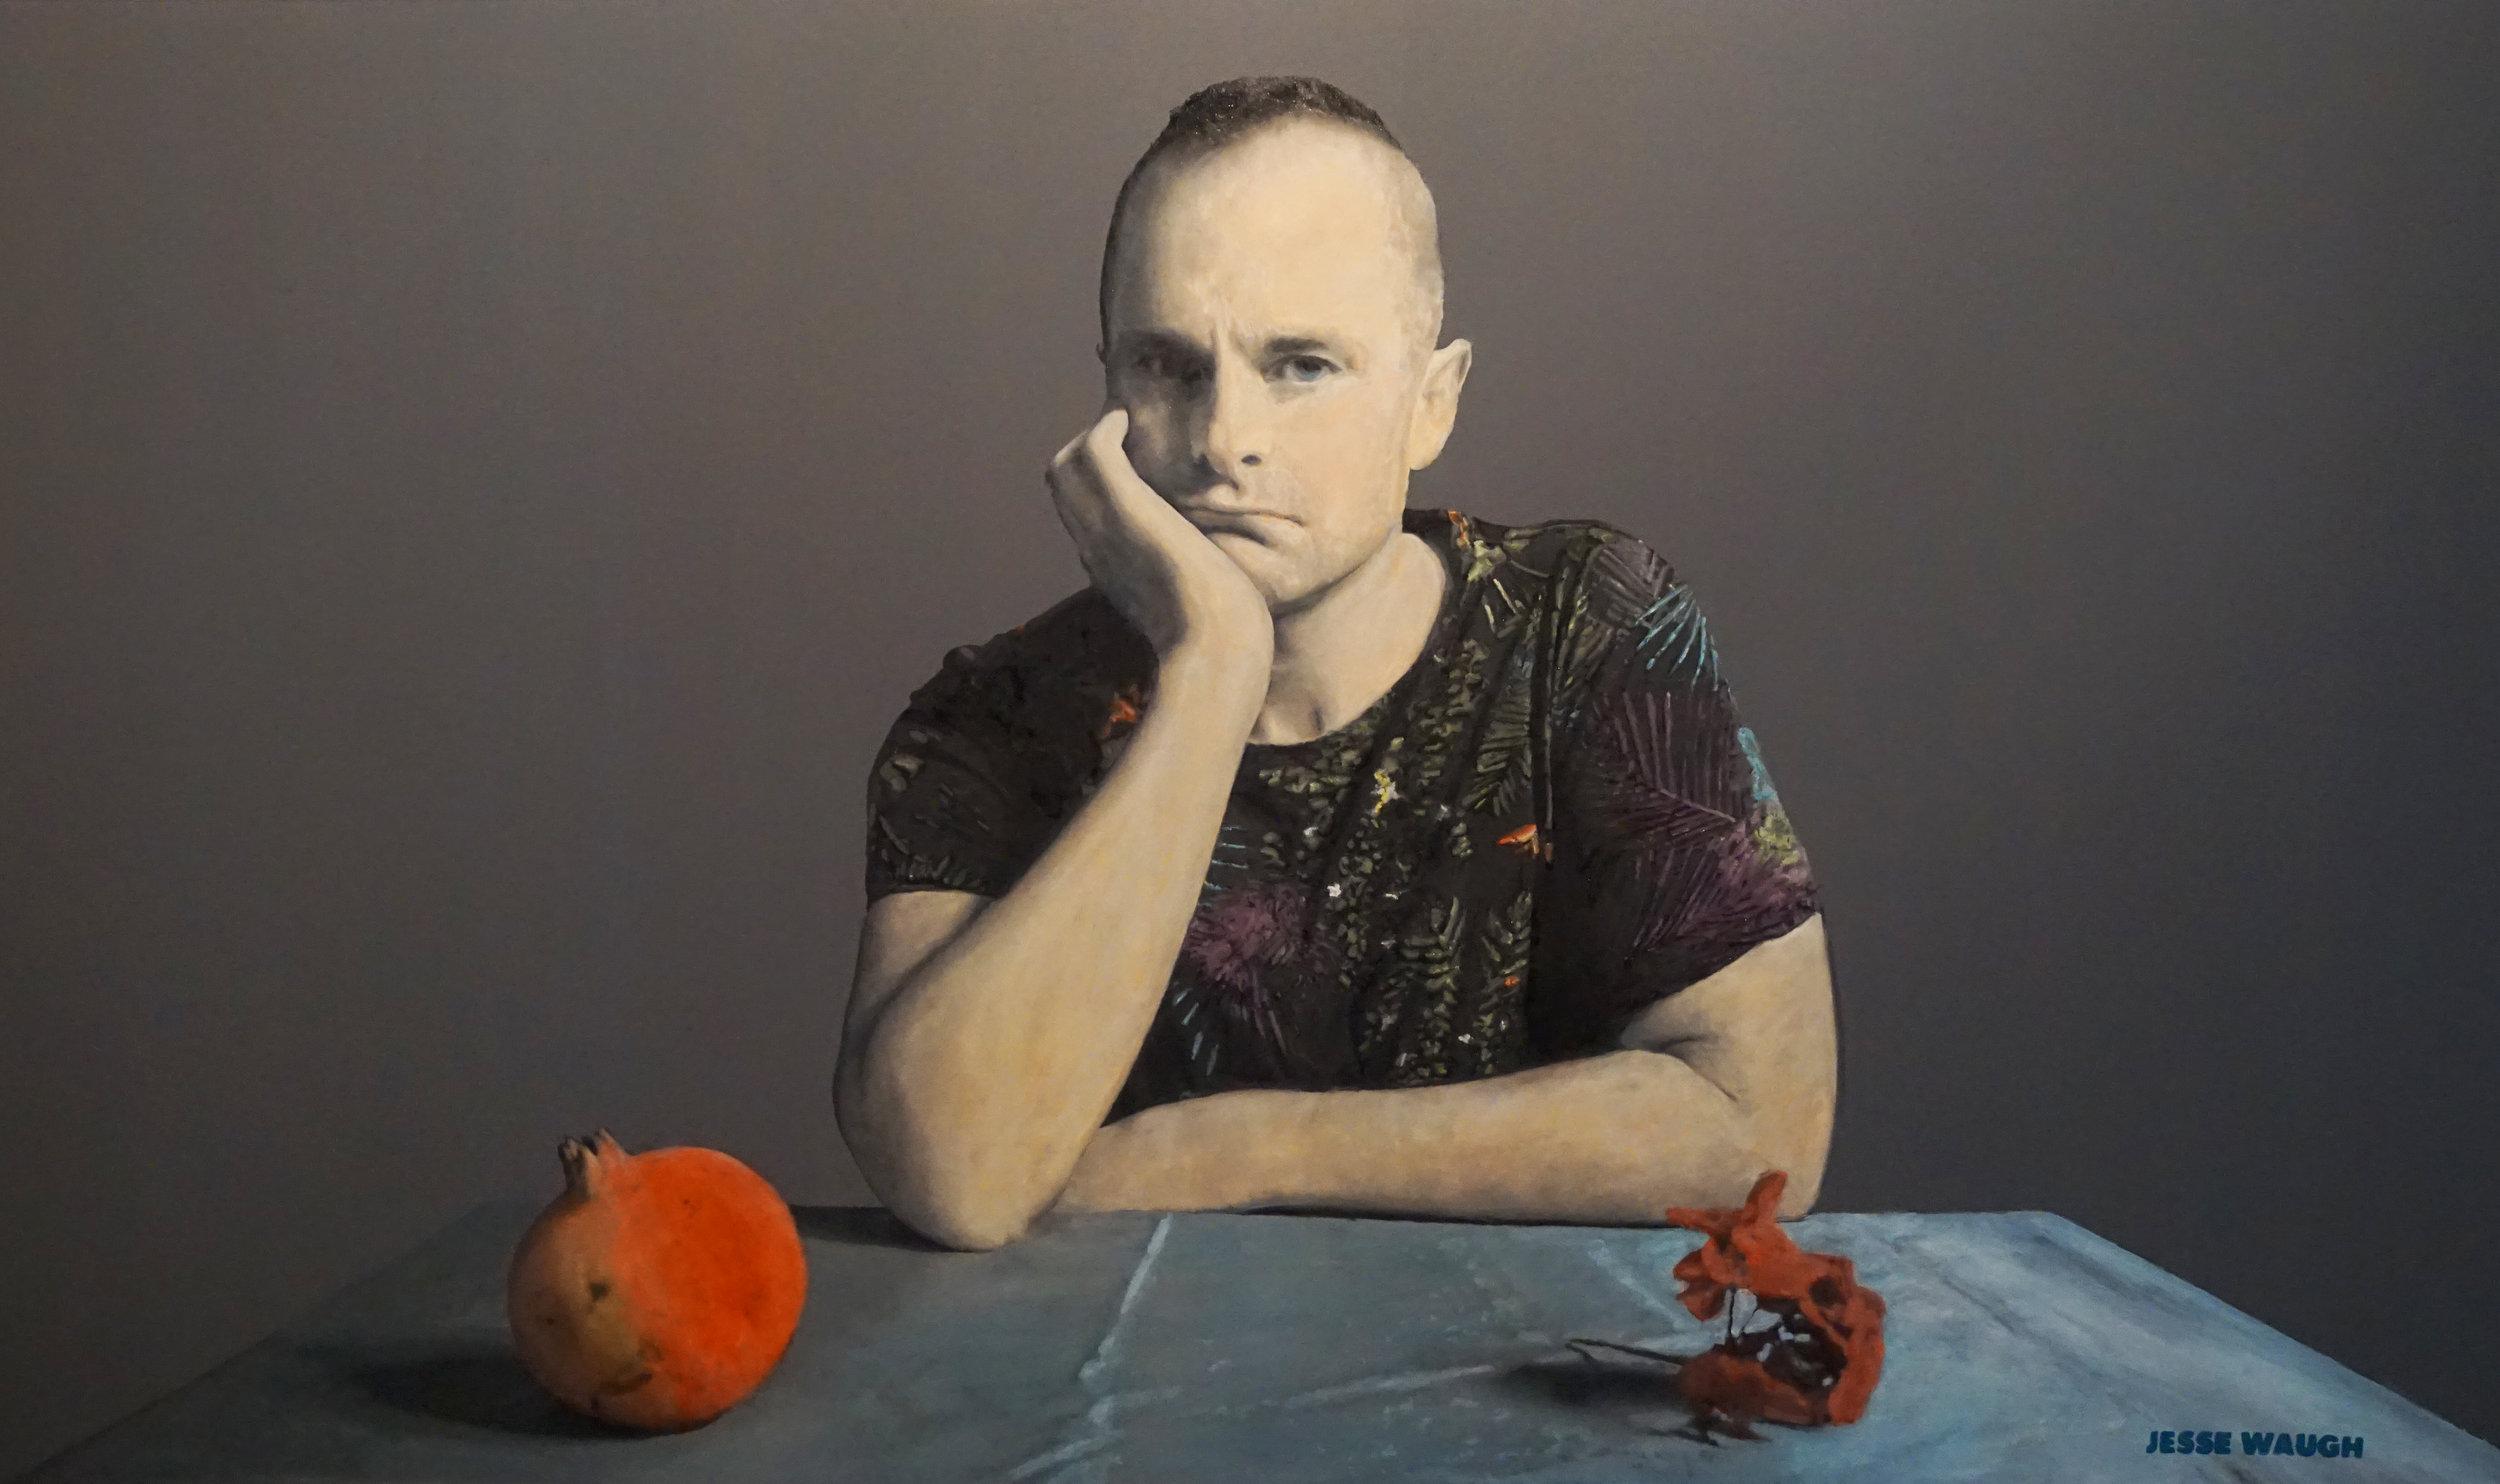 Jesse Waugh   Melancholia (Self-portrait)   2017 Oil on canvas 195 X 114 cm